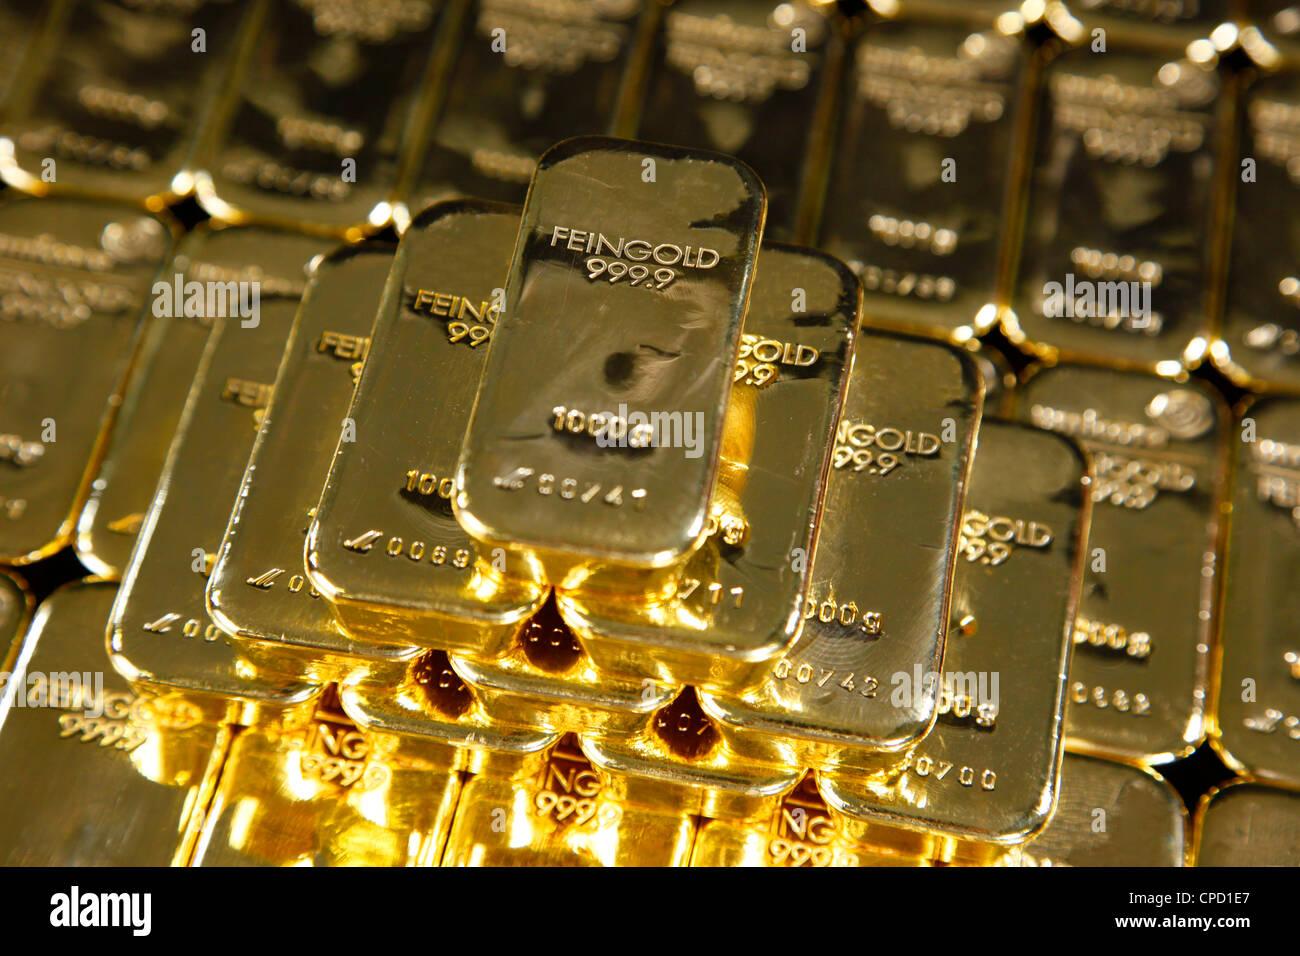 Gold ingots, Frankfurt, Germany, Europe - Stock Image